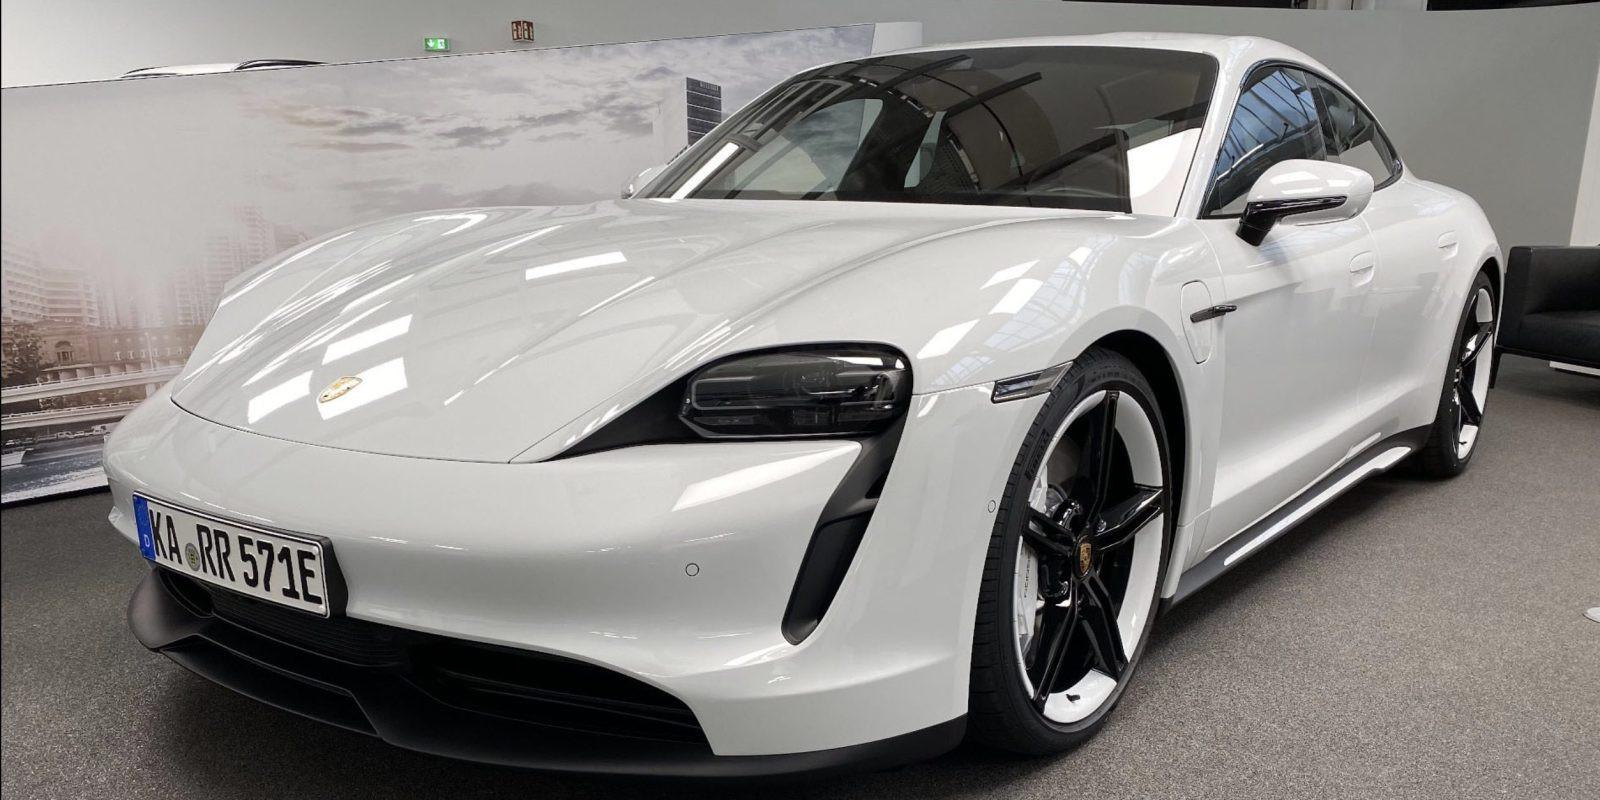 Porsche-Taycan-4S-delivery-hero-e1581701259391